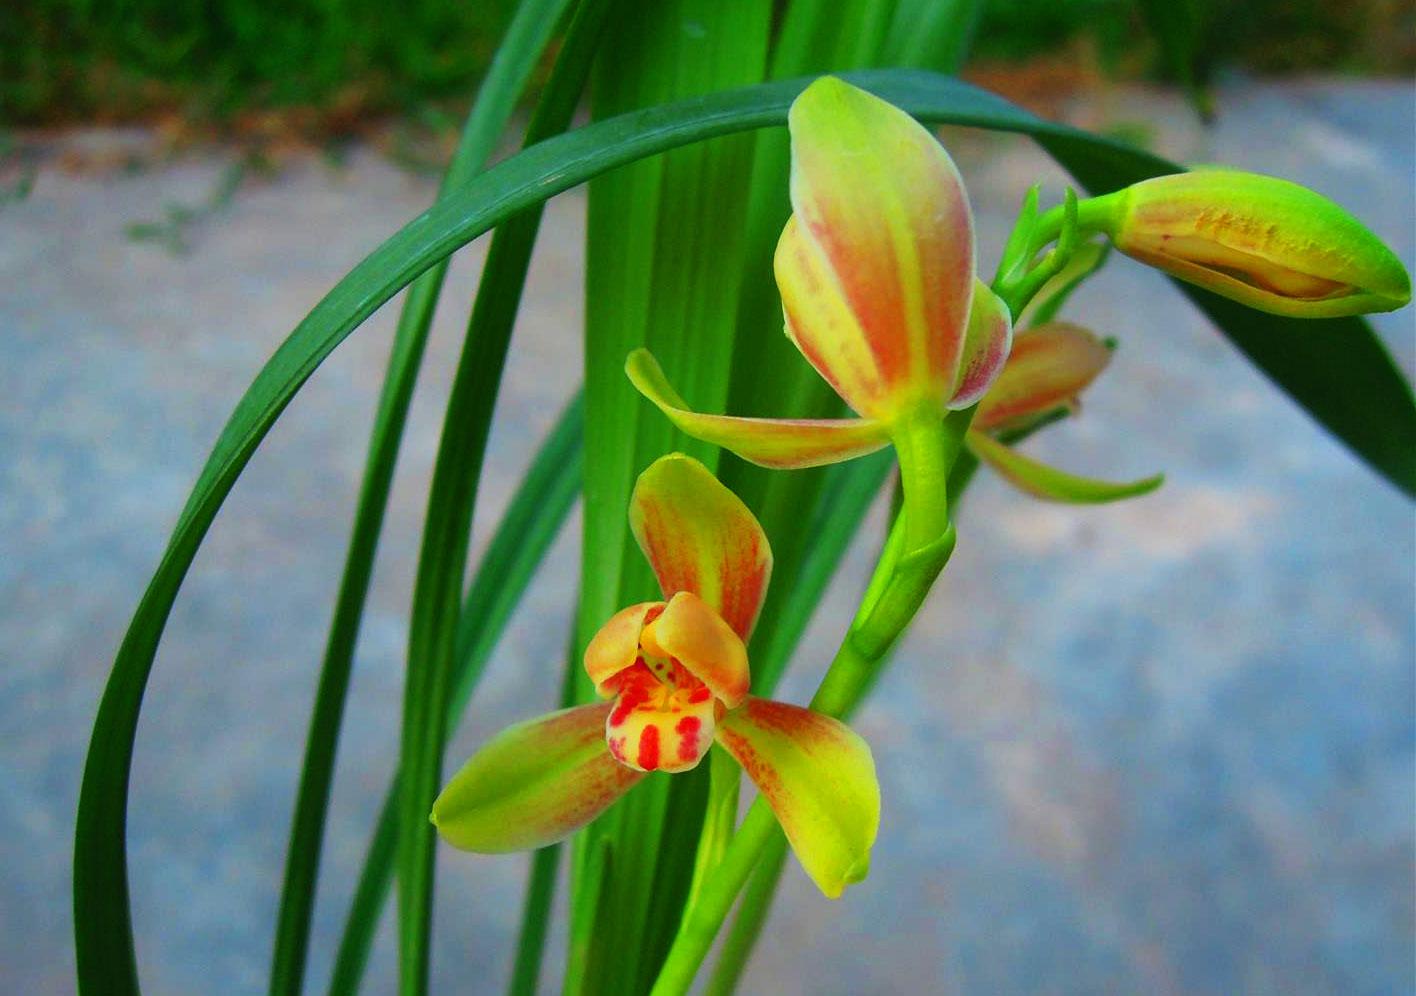 建兰绿光登梅/蜀梅建兰Cym.ensifolium'Lu Guang Deng Mei'